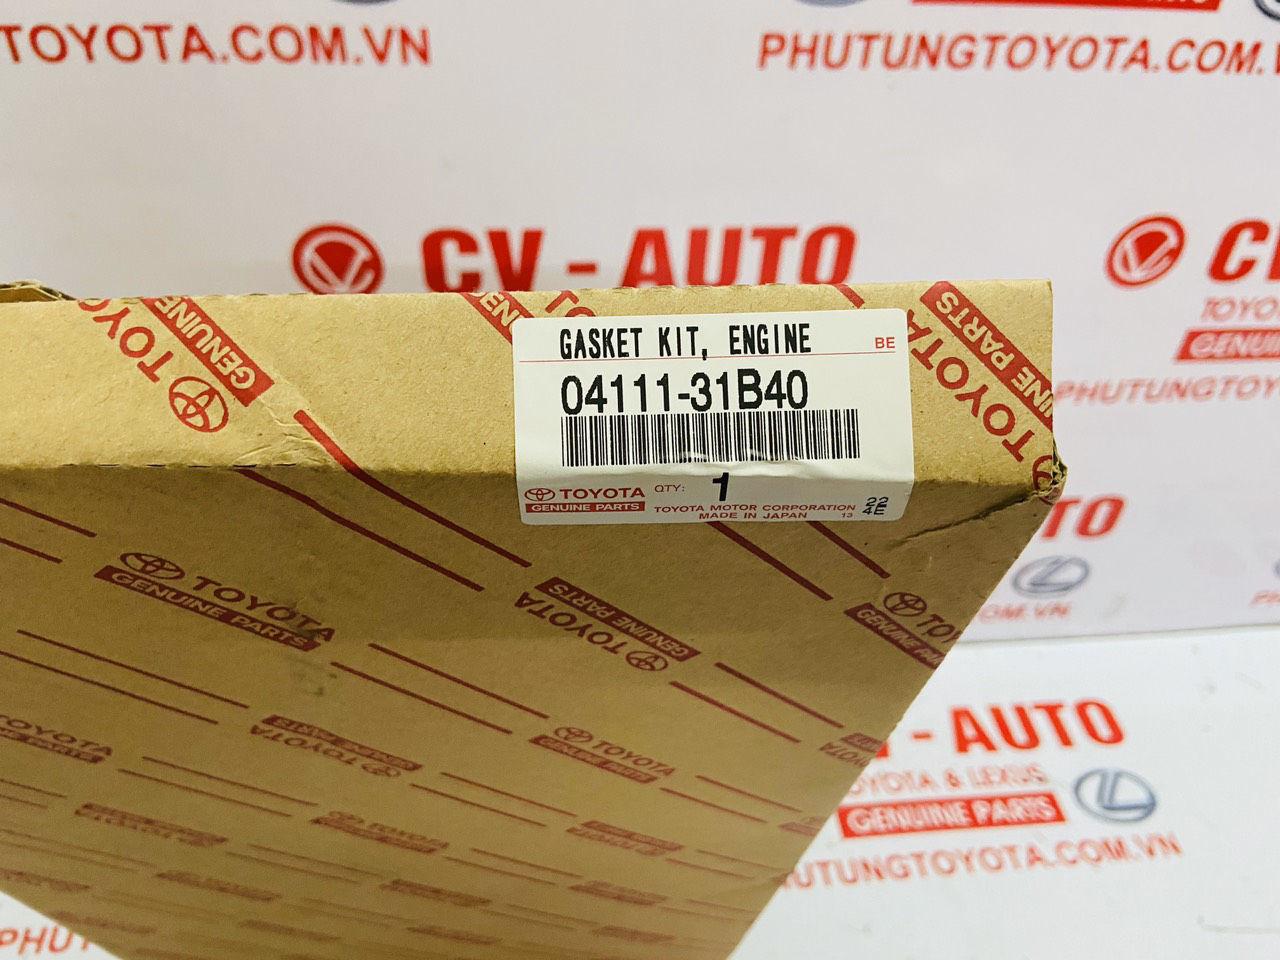 Picture of 04111-31B40, 0411131B40 Bộ gioăng đại tu Lexus IS250 chính hãng